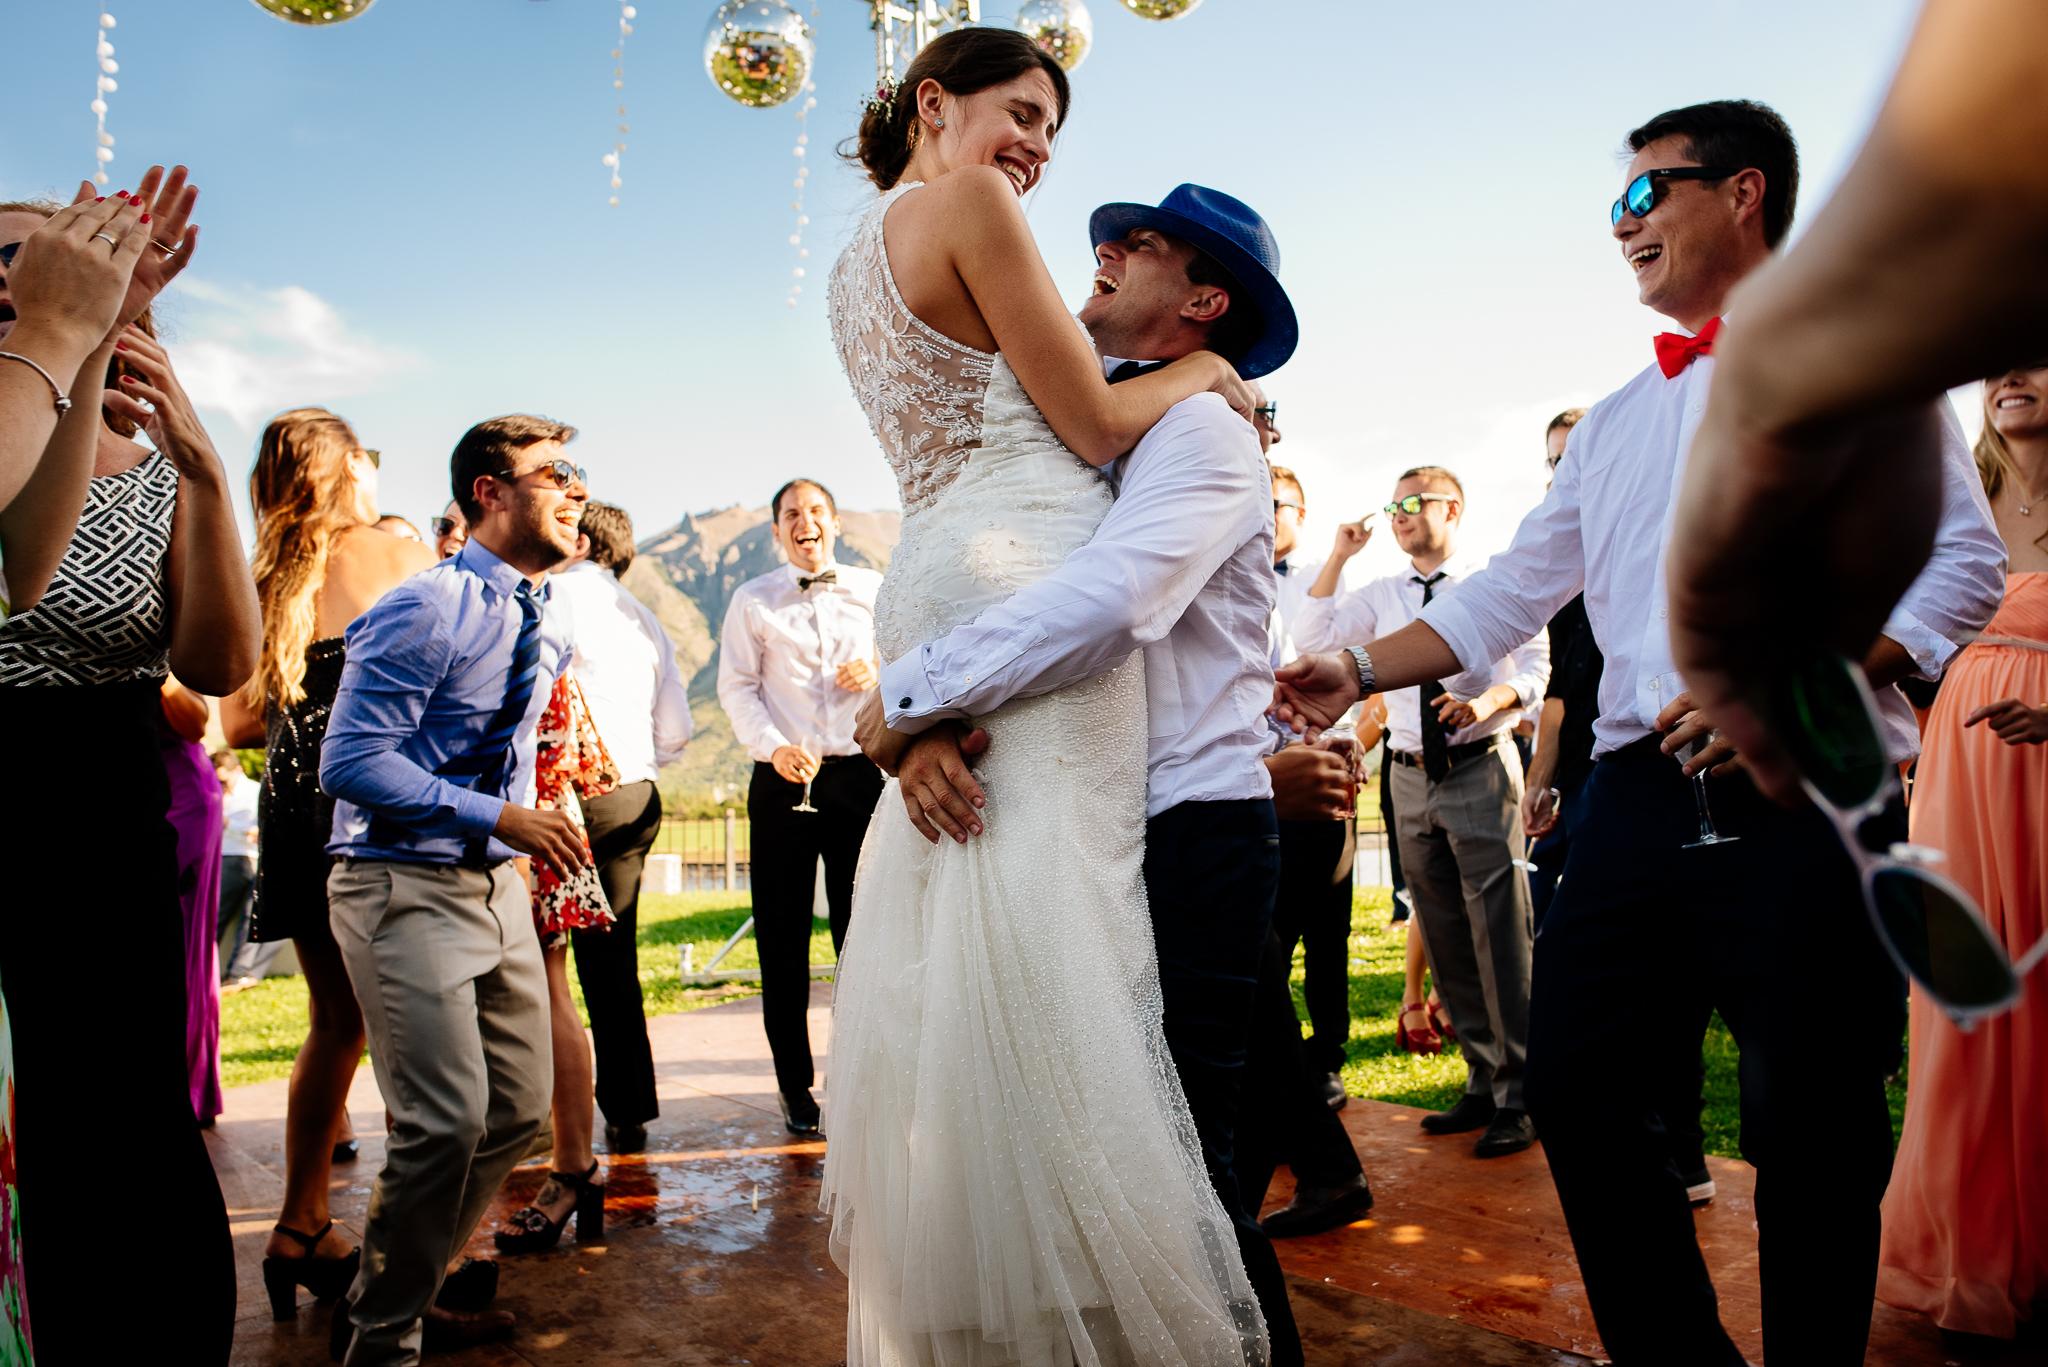 boda-bariloche-maxi-oviedo-fotografo-ramo-vestido-de-novia-59.jpg